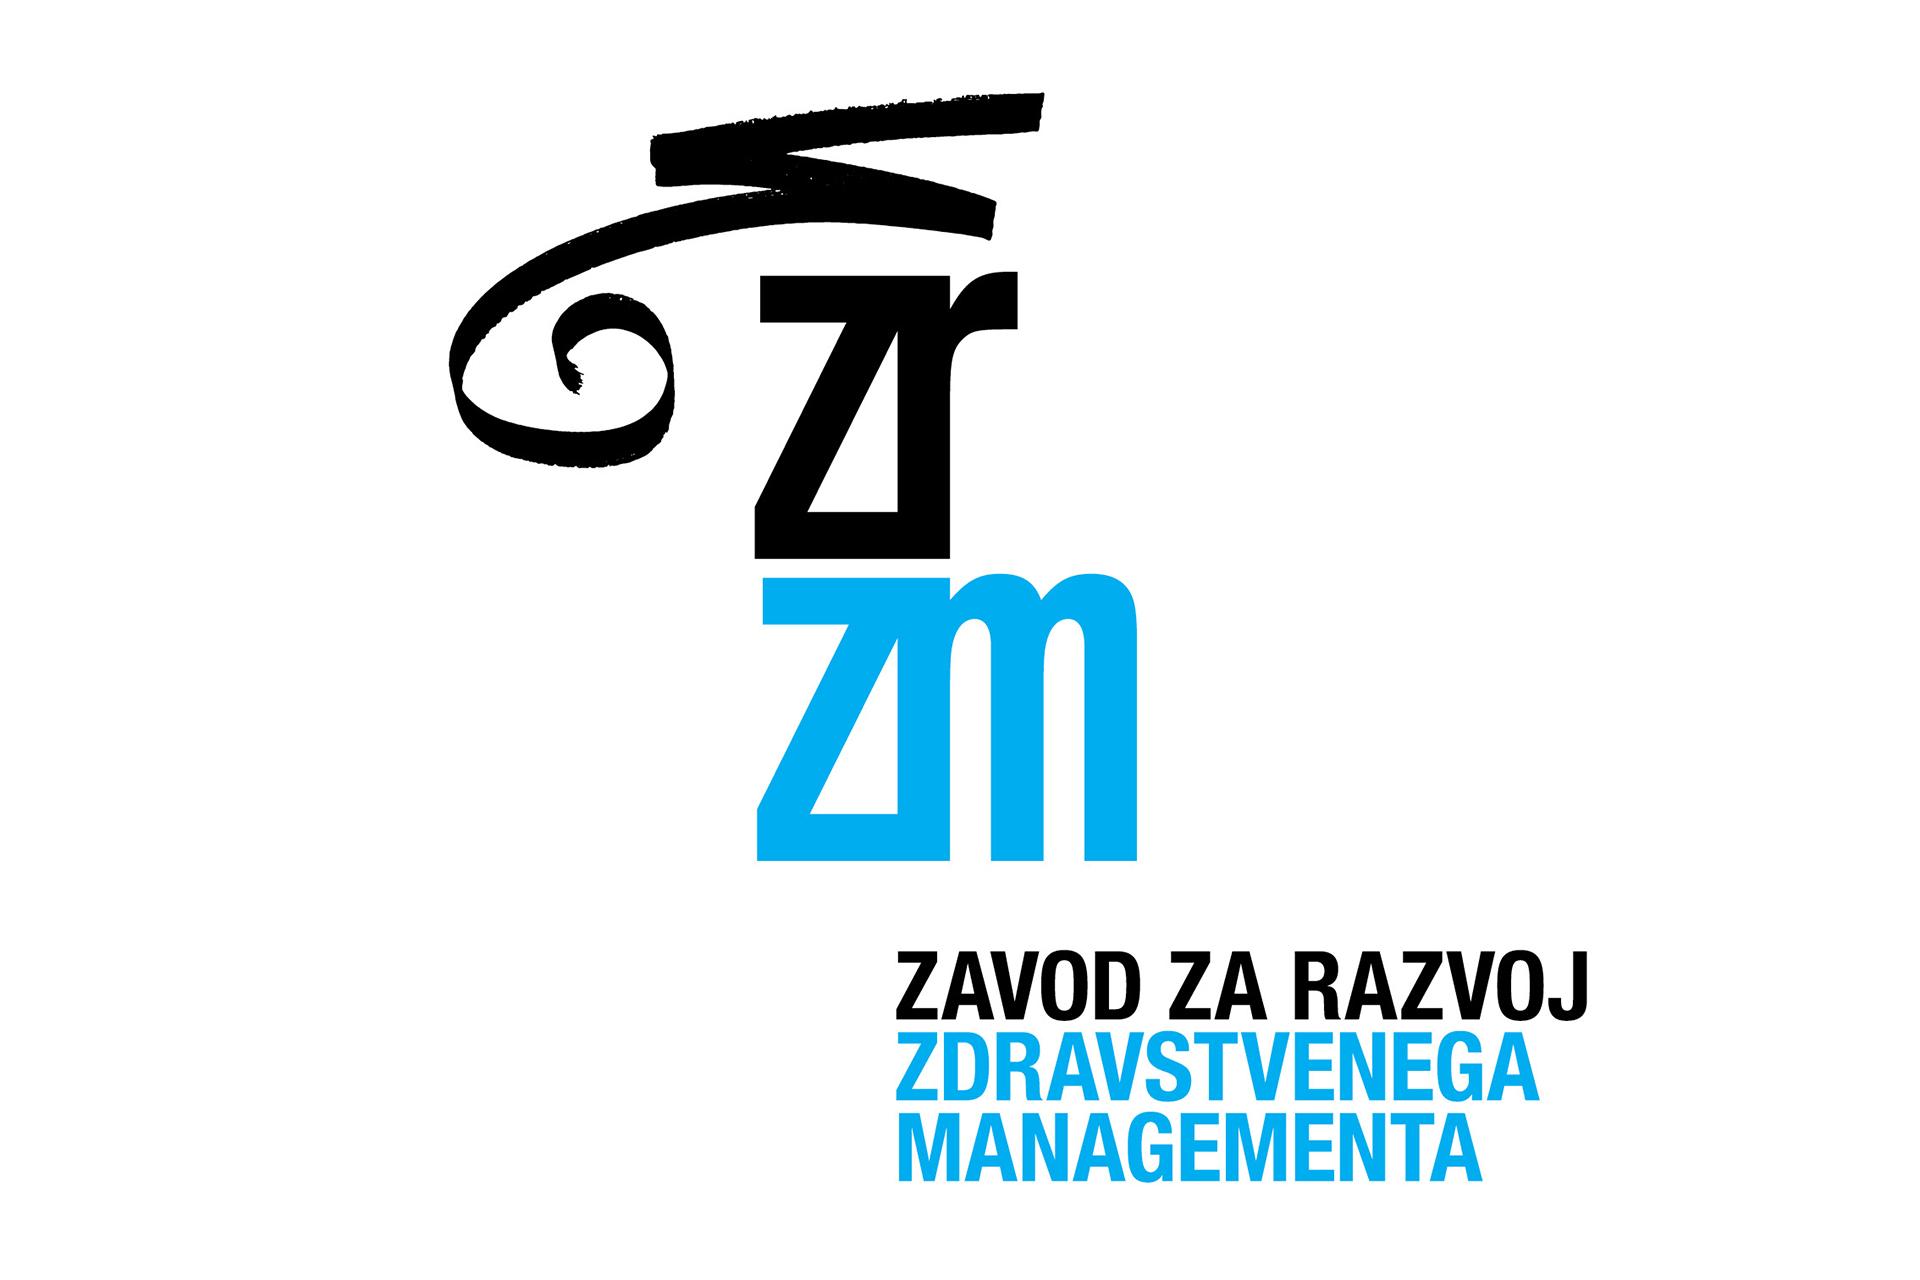 zrzm_logo_ma-ma_marinsek2